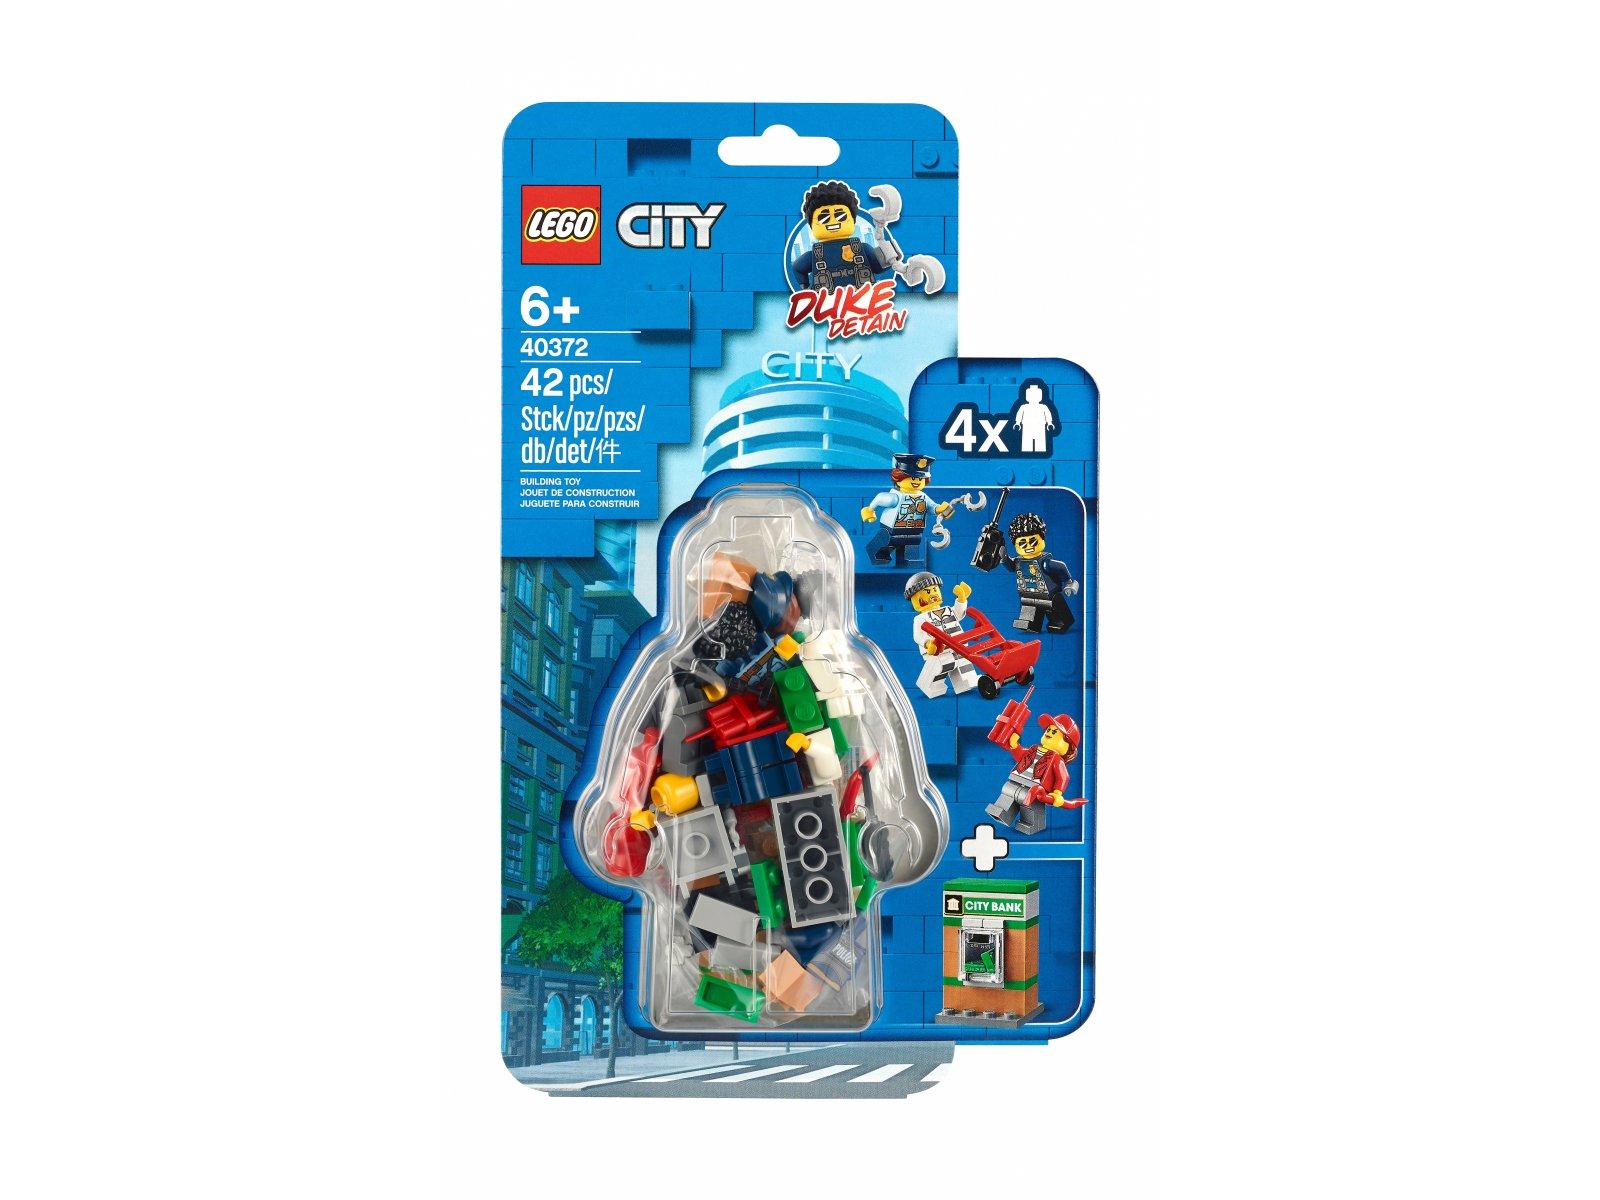 LEGO City Zestaw akcesoriów i minifigurek policyjnych 40372